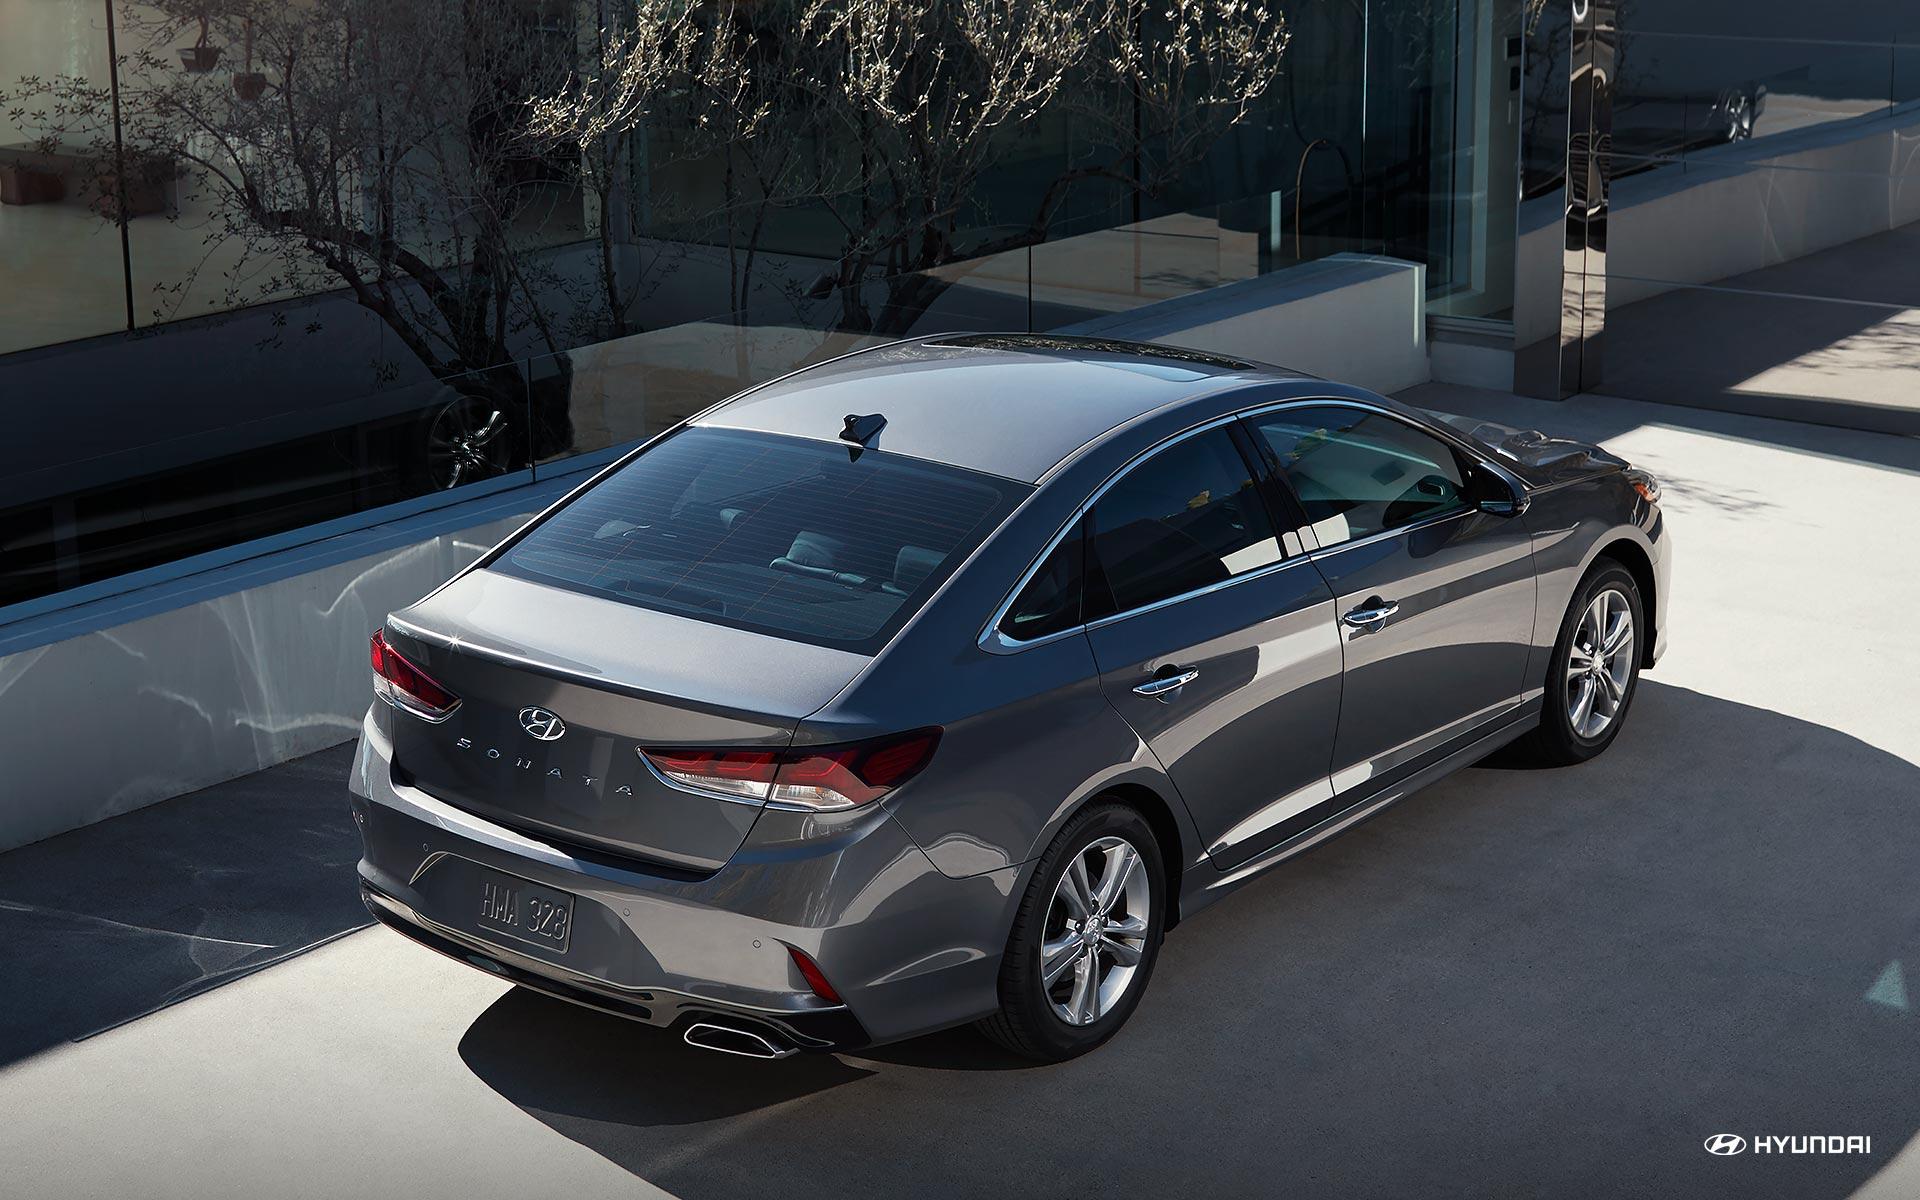 التصميم الجانبي للسيارة هيونداي سوناتا 2018   المرسال